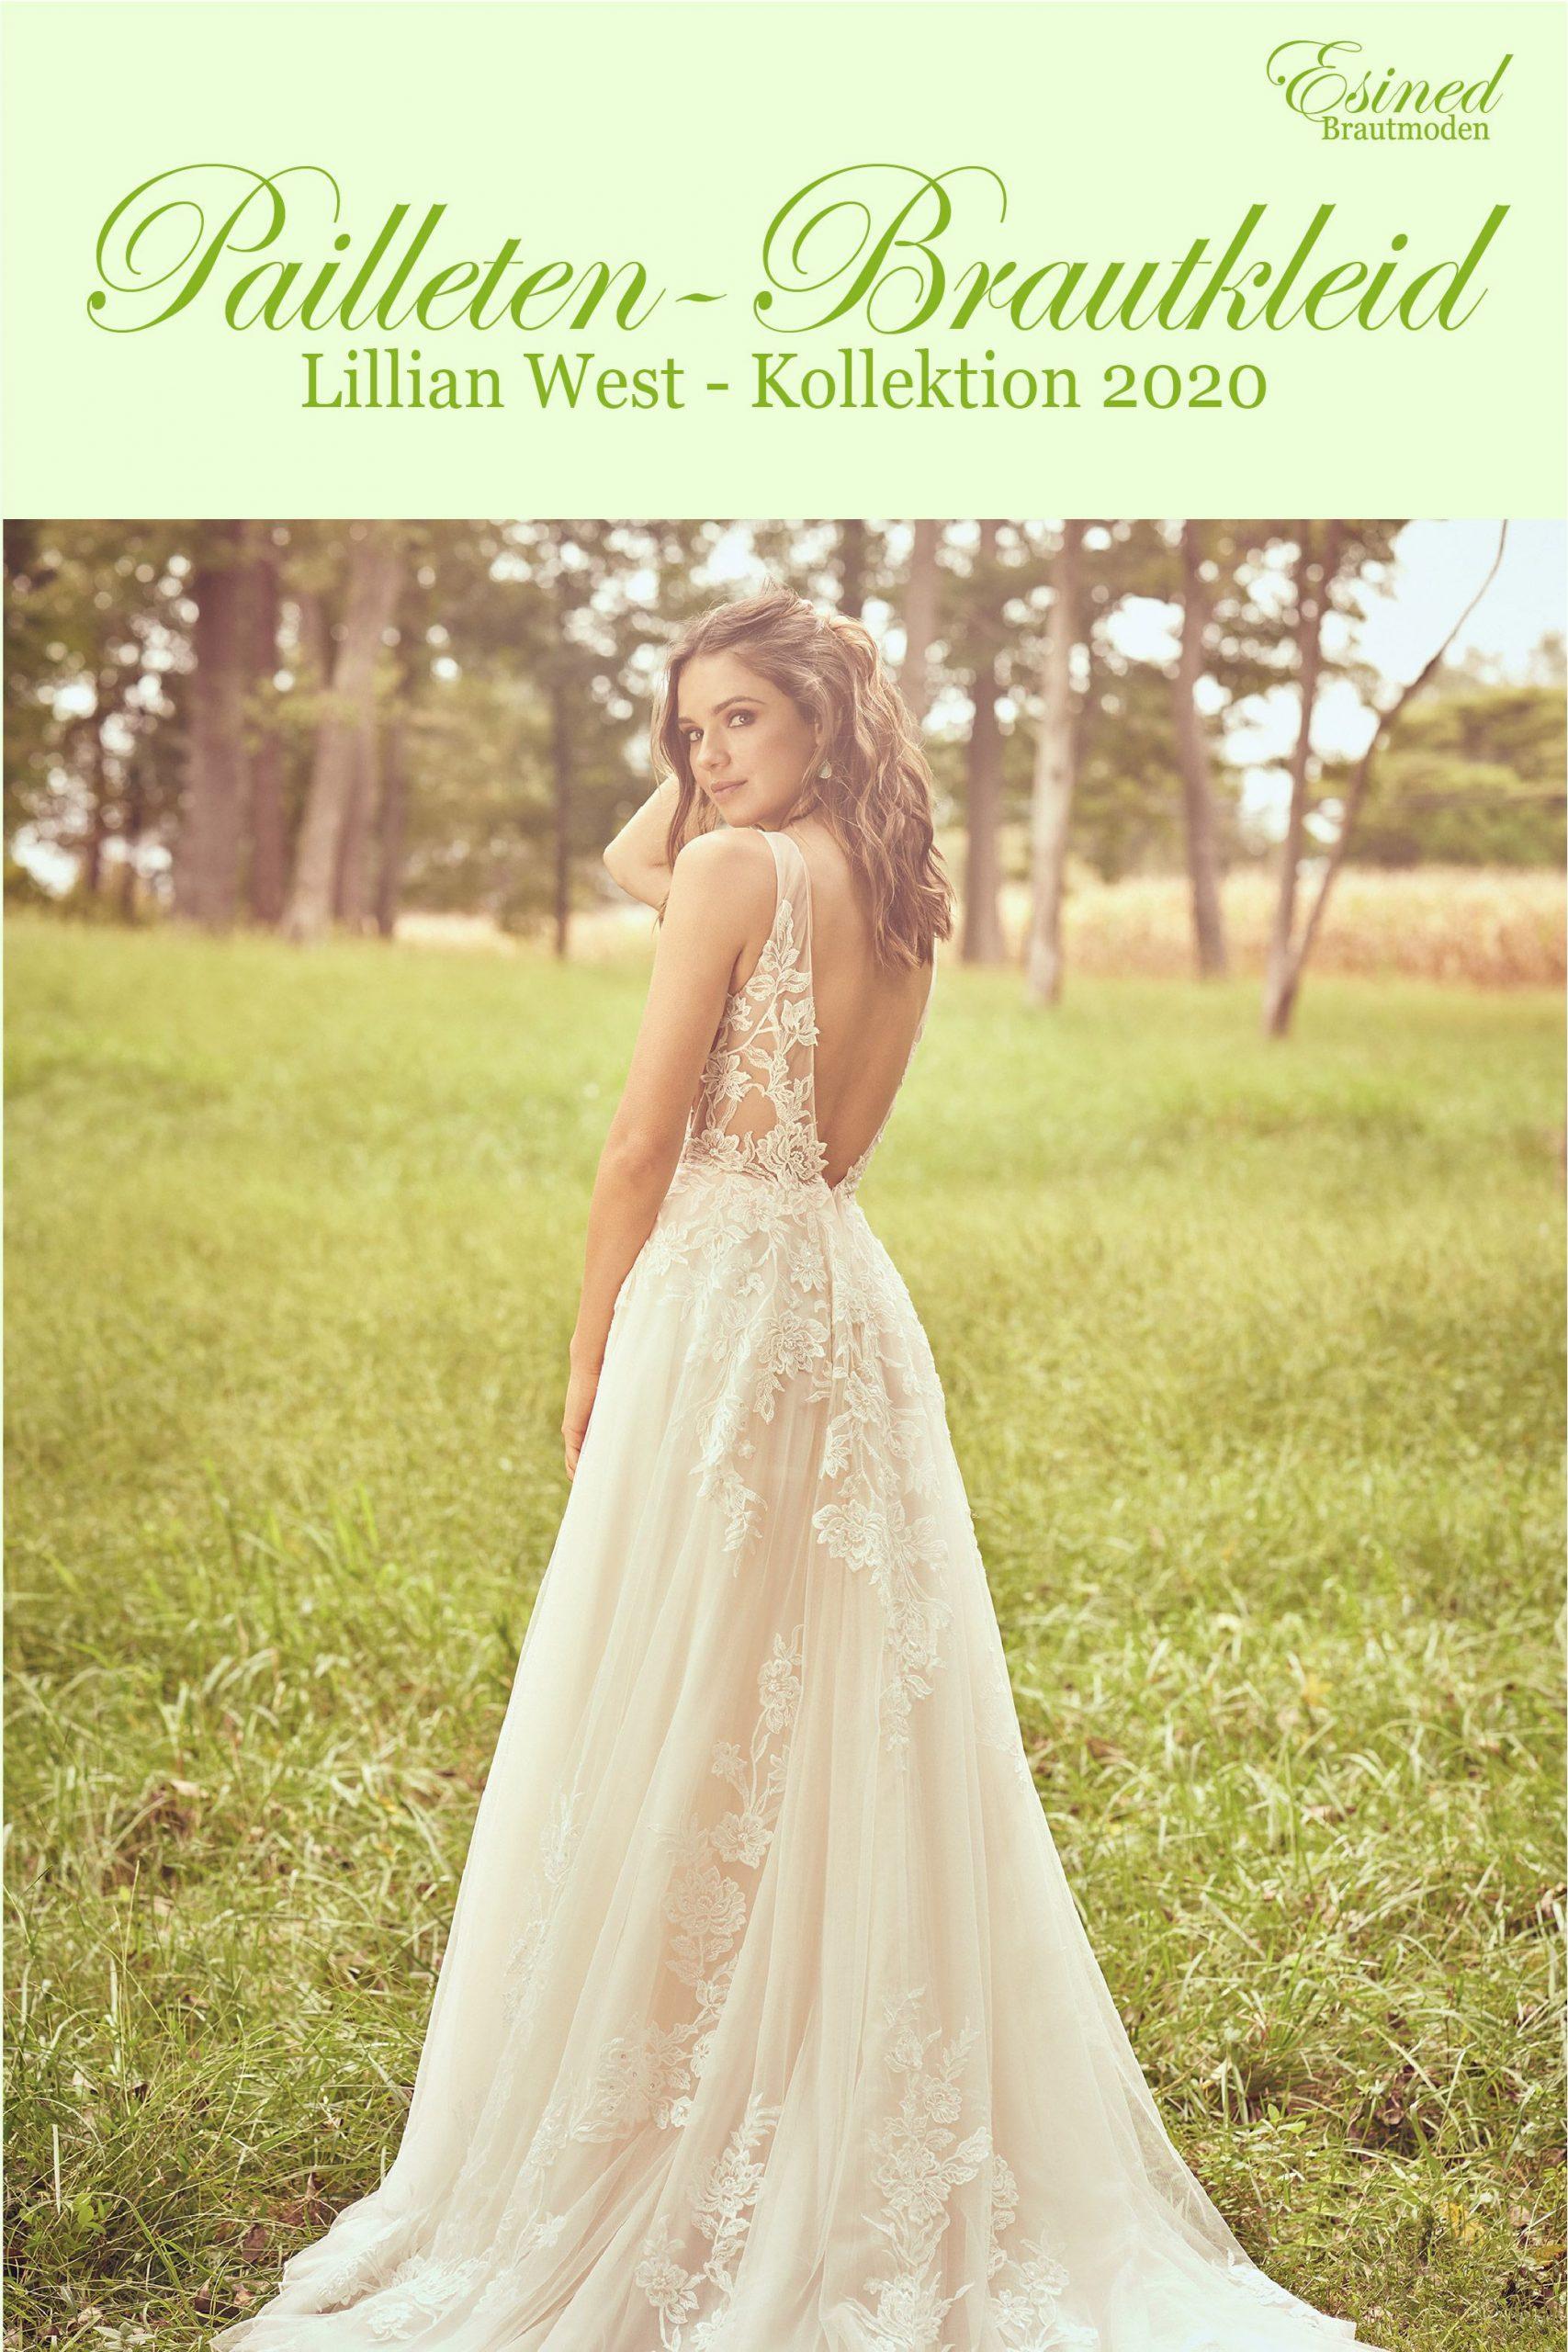 Pin Von Mariposa Auf Wedding In 2020 | Brautkleid, Kleid